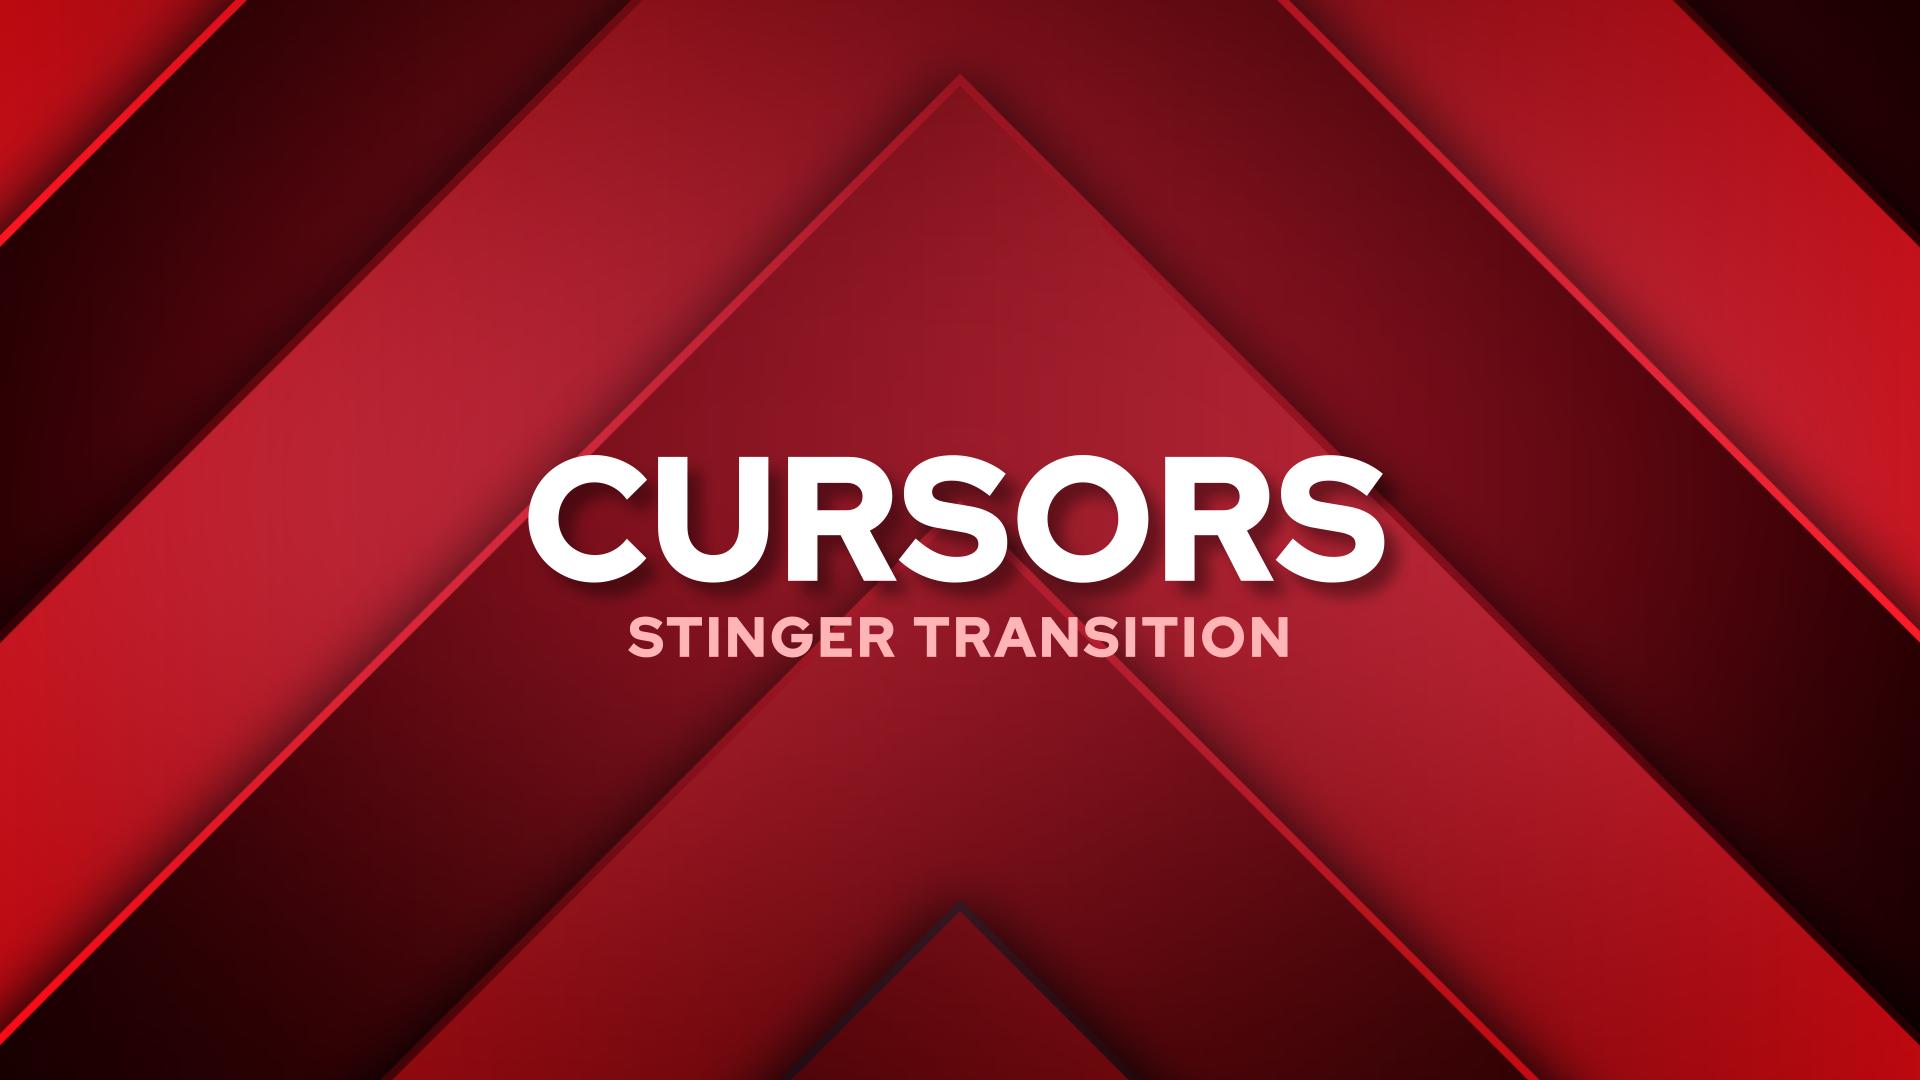 Cursors Stinger Transition